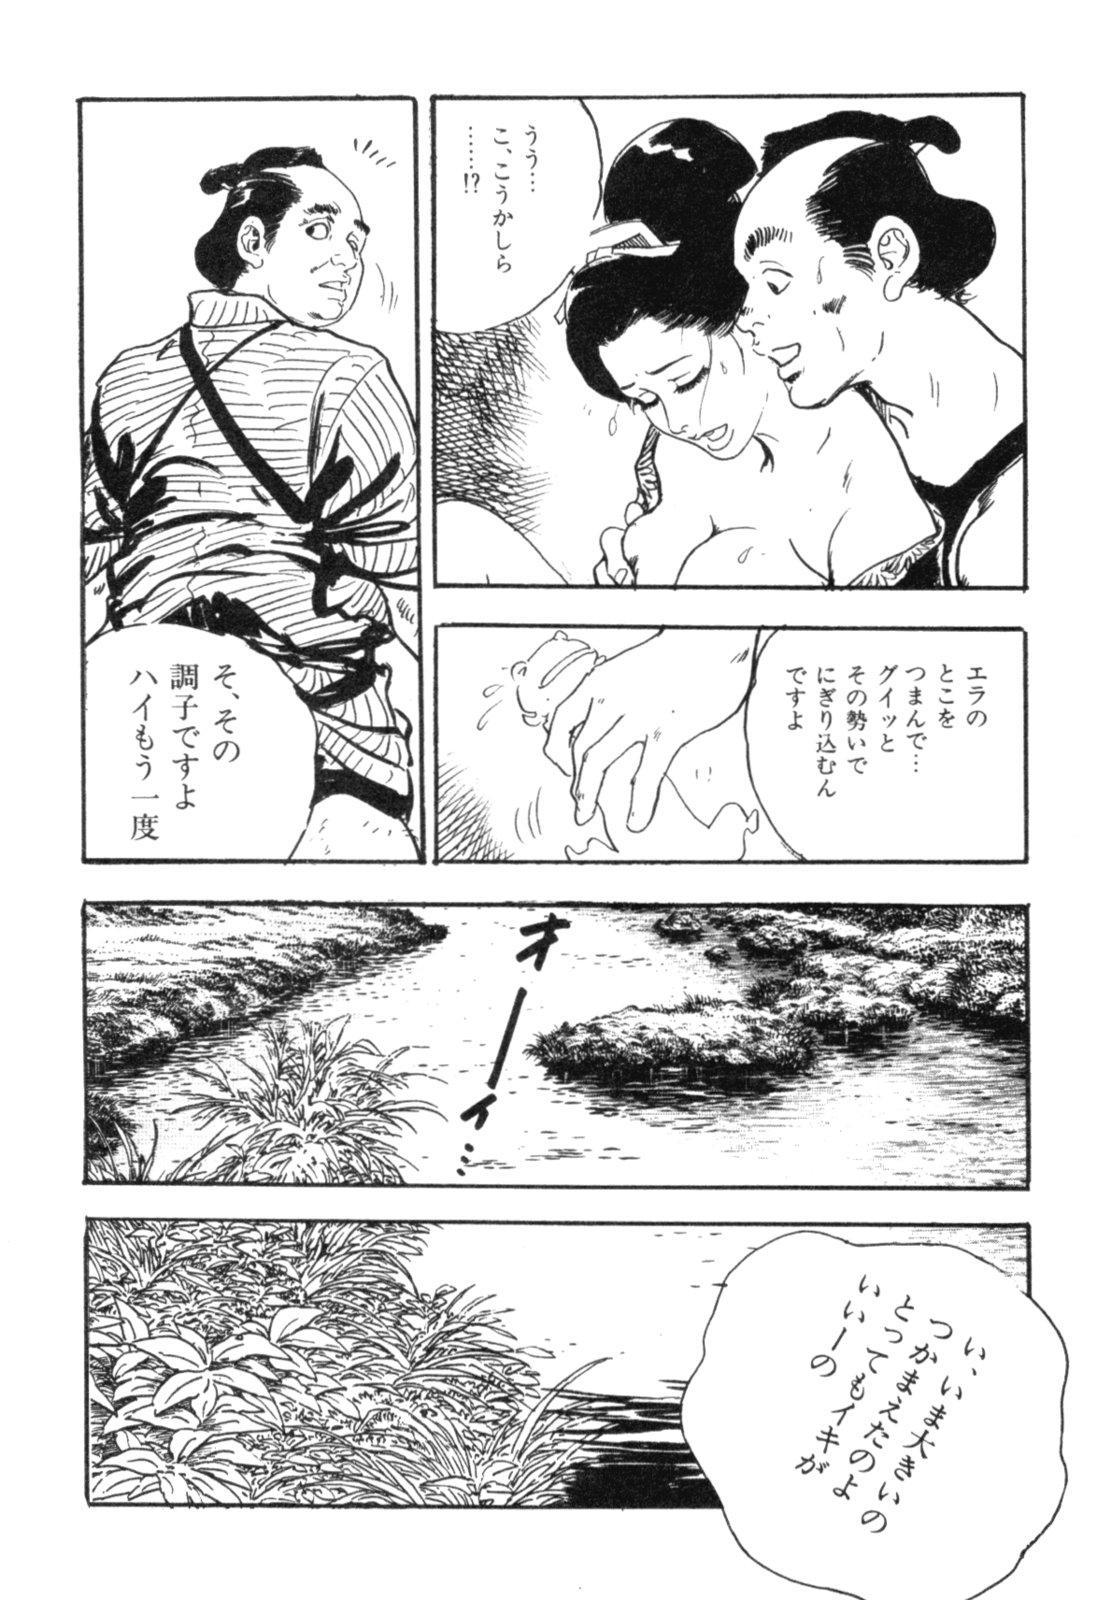 Jidaigeki Series 2 ~ Midare Kannon 32